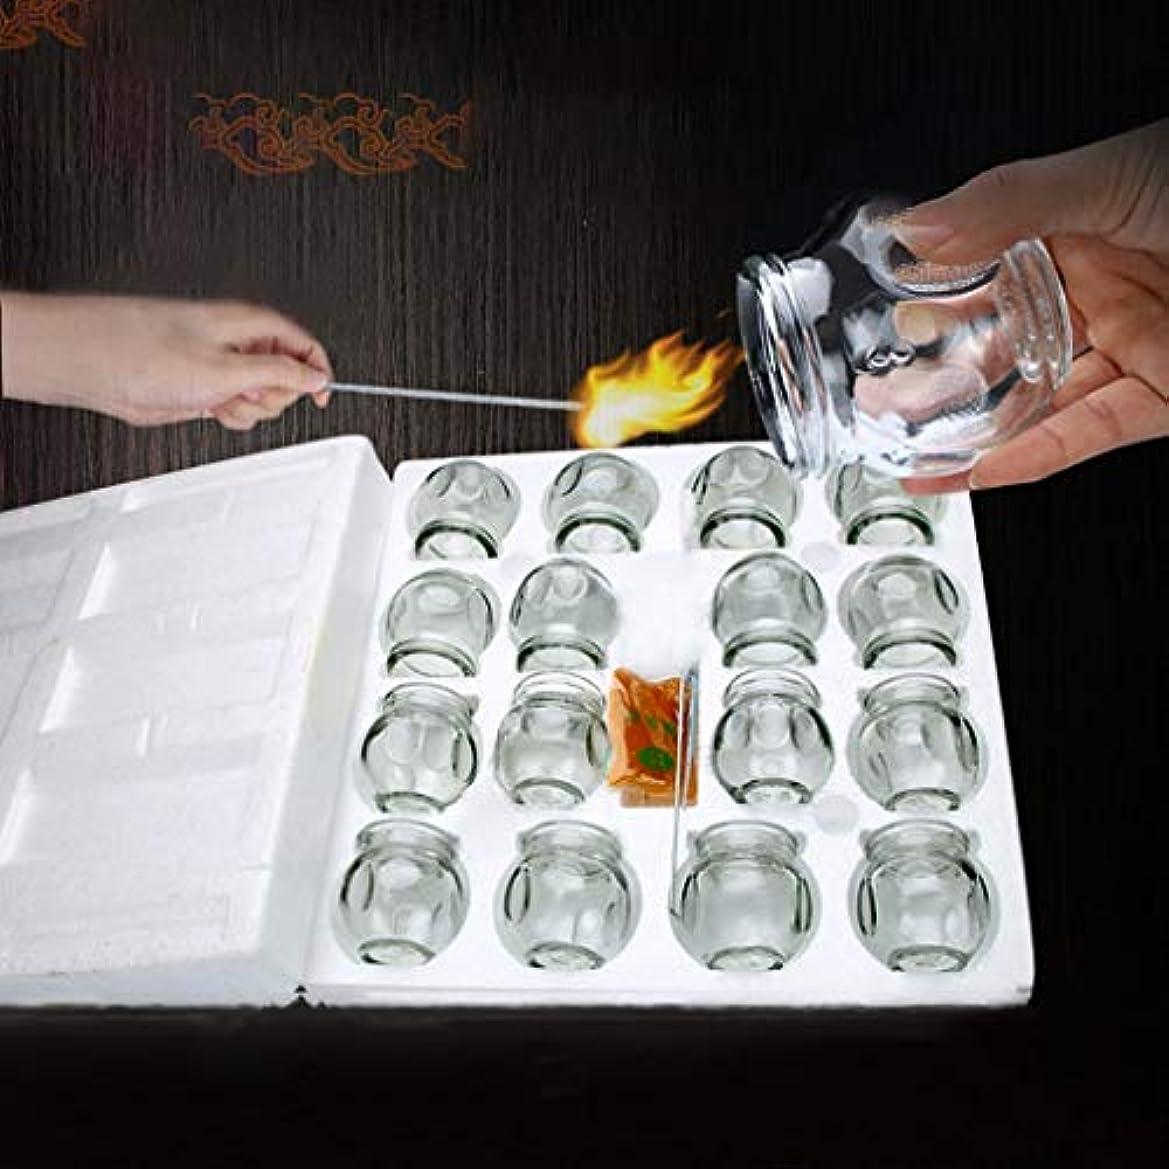 暖かさコードレスアリスガラス真空16個のプレミアム缶を持つデバイスをカッピング世帯は、痛みを軽減解毒マッサージ筋弛緩インストゥルメントのためのプルアウト